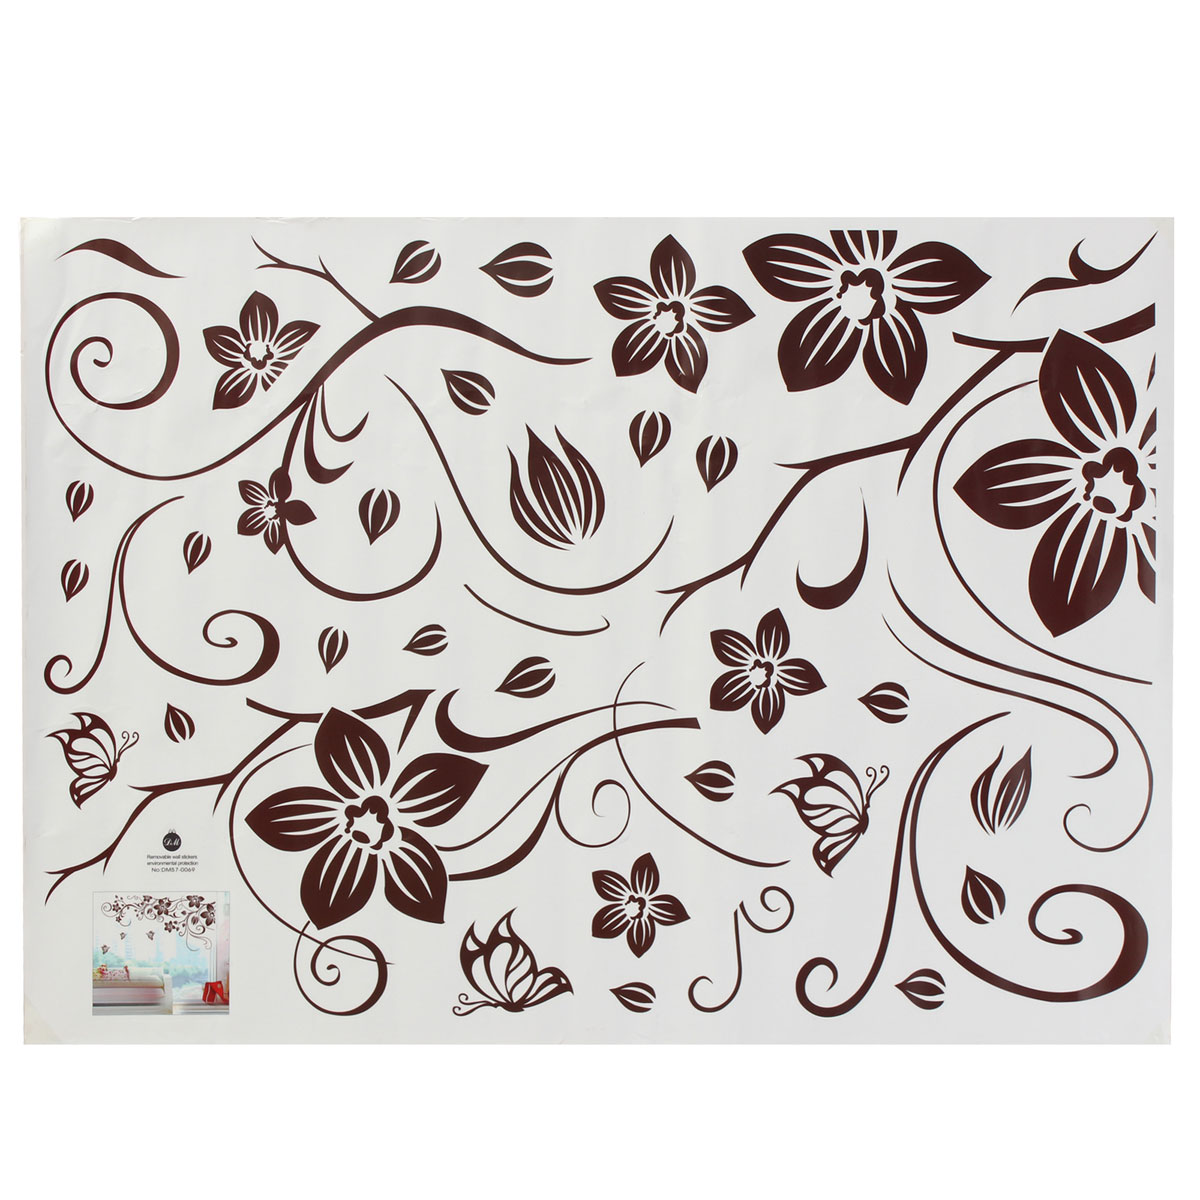 Details about Vine Fiore Farfalla Parete Adesivi Murali Wall Sticker ...